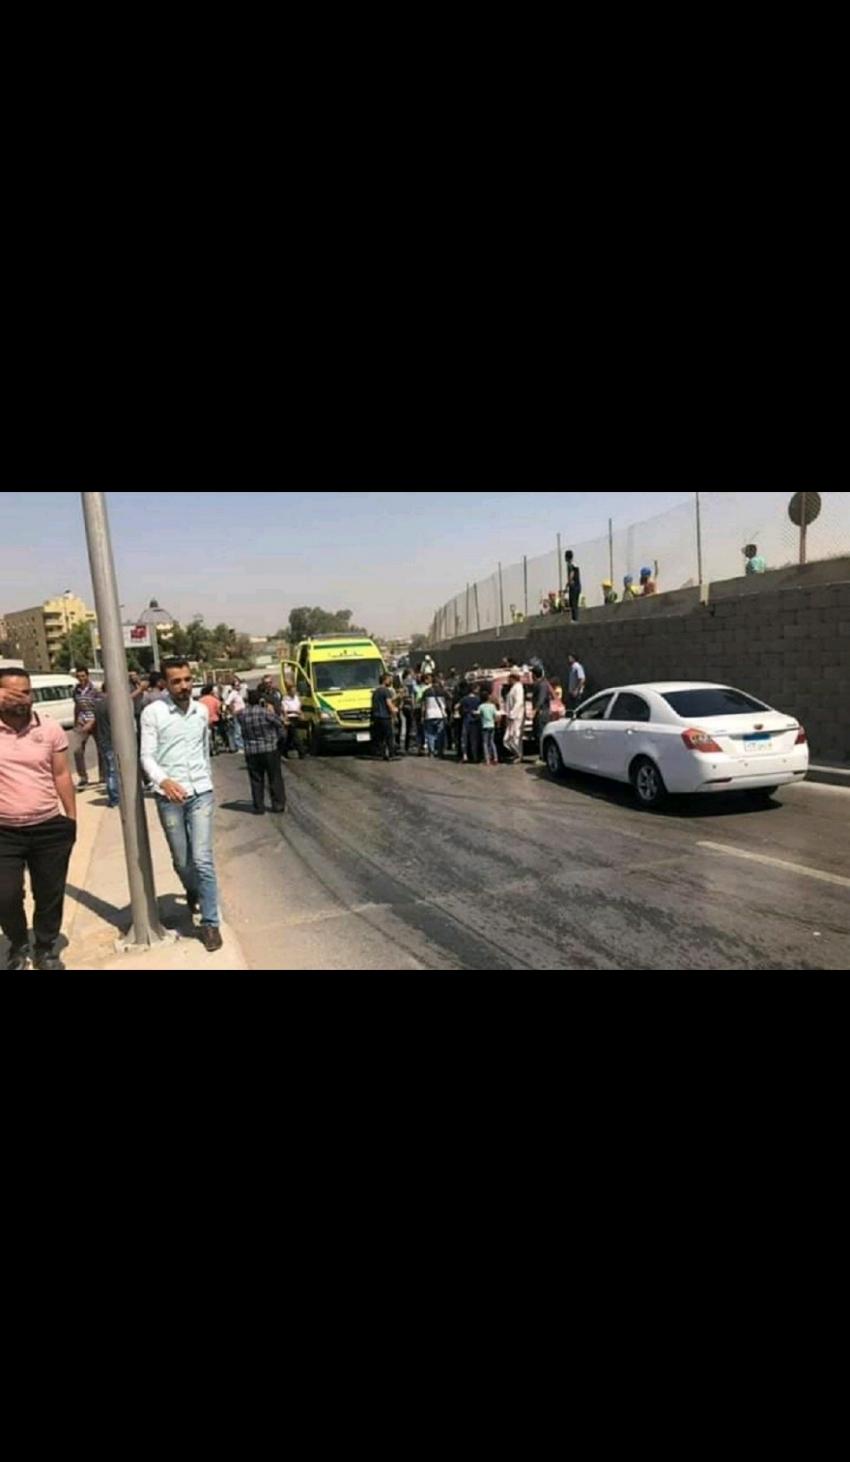 انفجار يستهدف حافلة سياحية بالقرب من المتحف المصري ويسفر عن إصابات